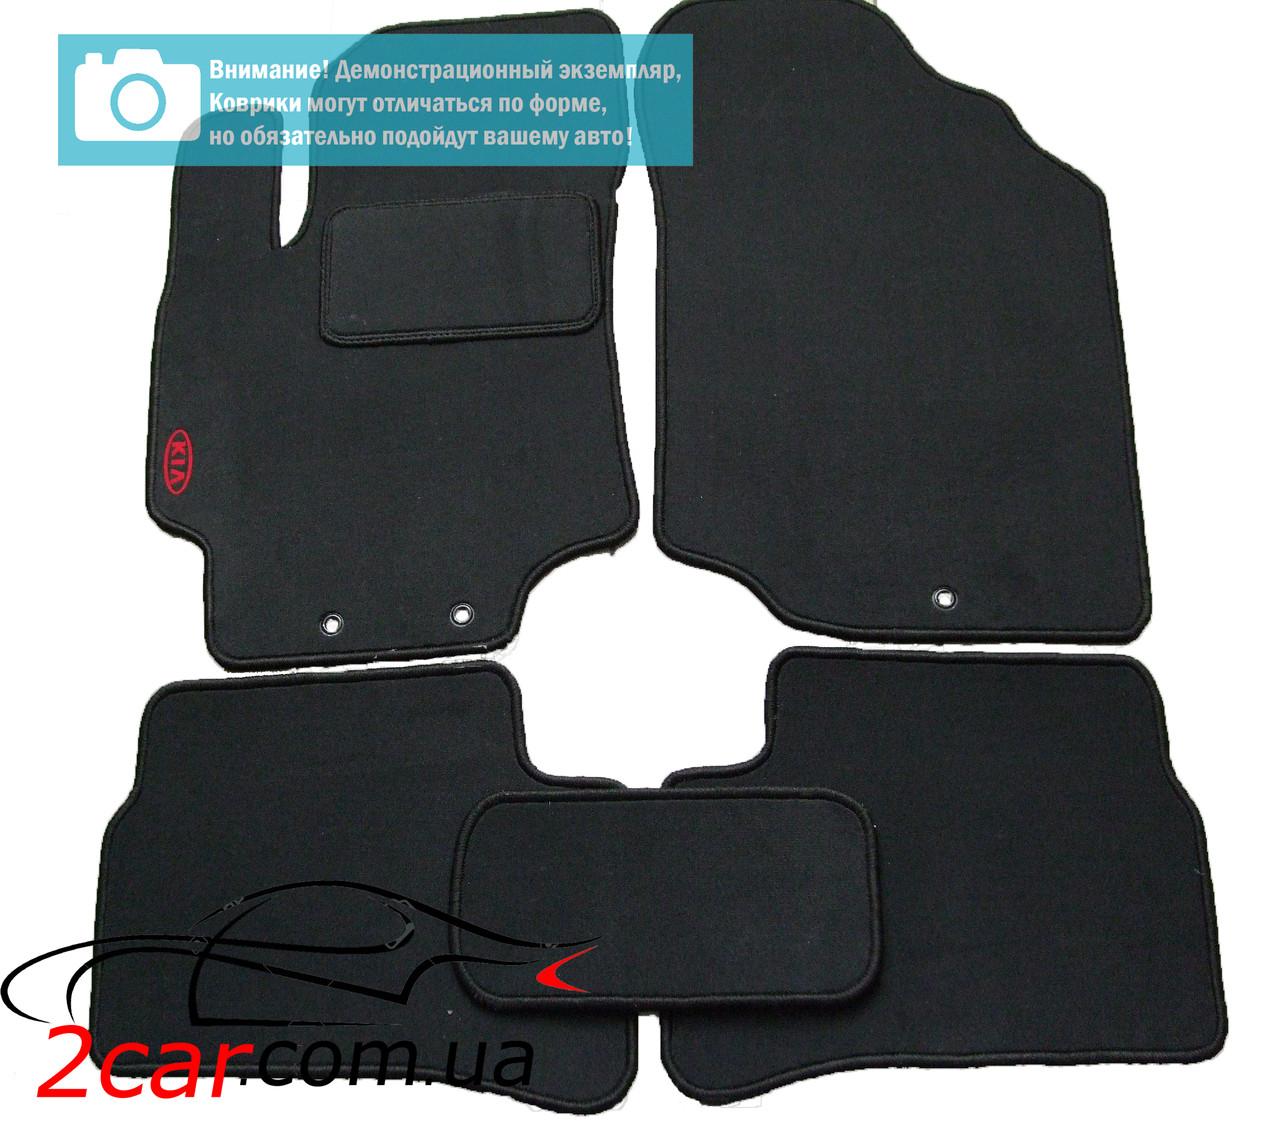 Текстильные коврики в салон для Volkswagen Sharan (1995-2010) (чёрный) (StingrayUA)